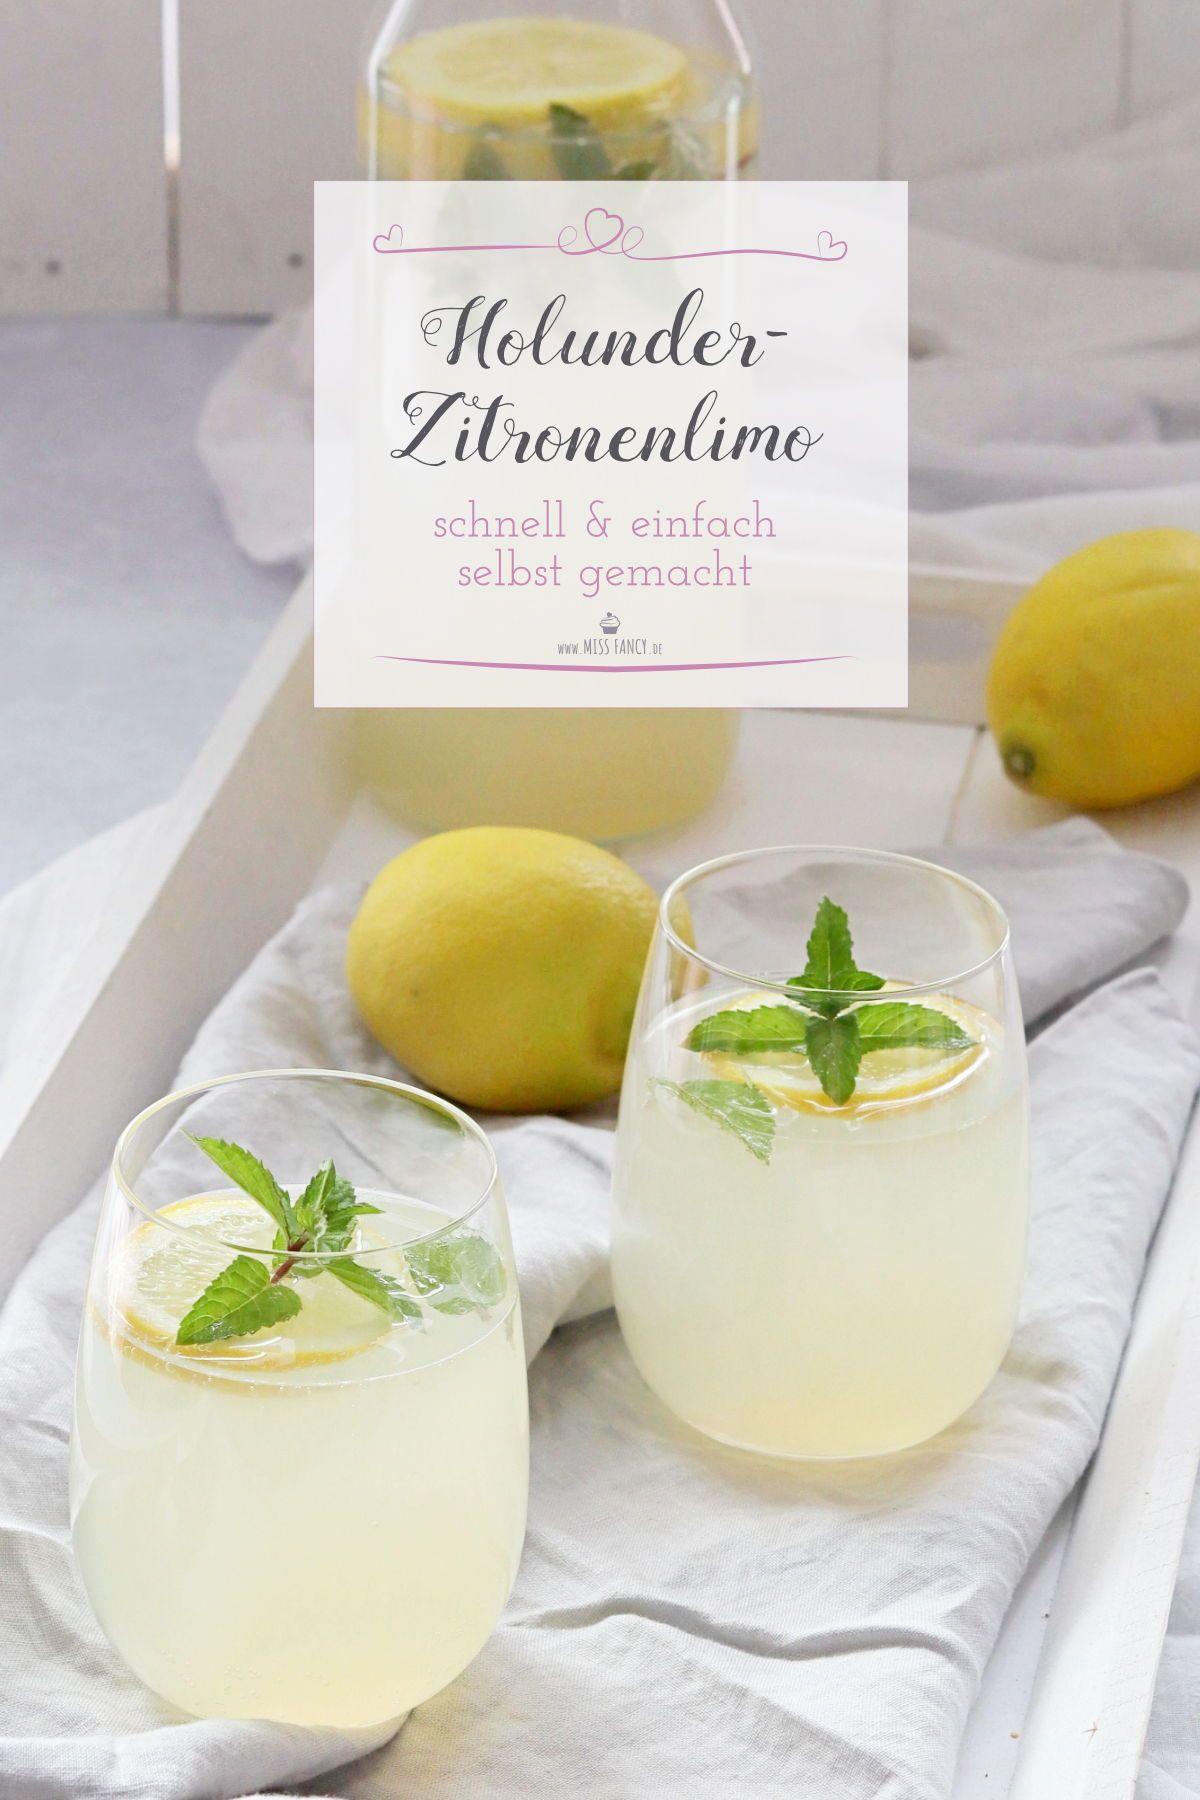 Perfekte Holunder-Zitronenlimonade   Miss Fancy - Rezepte für jeden Tag